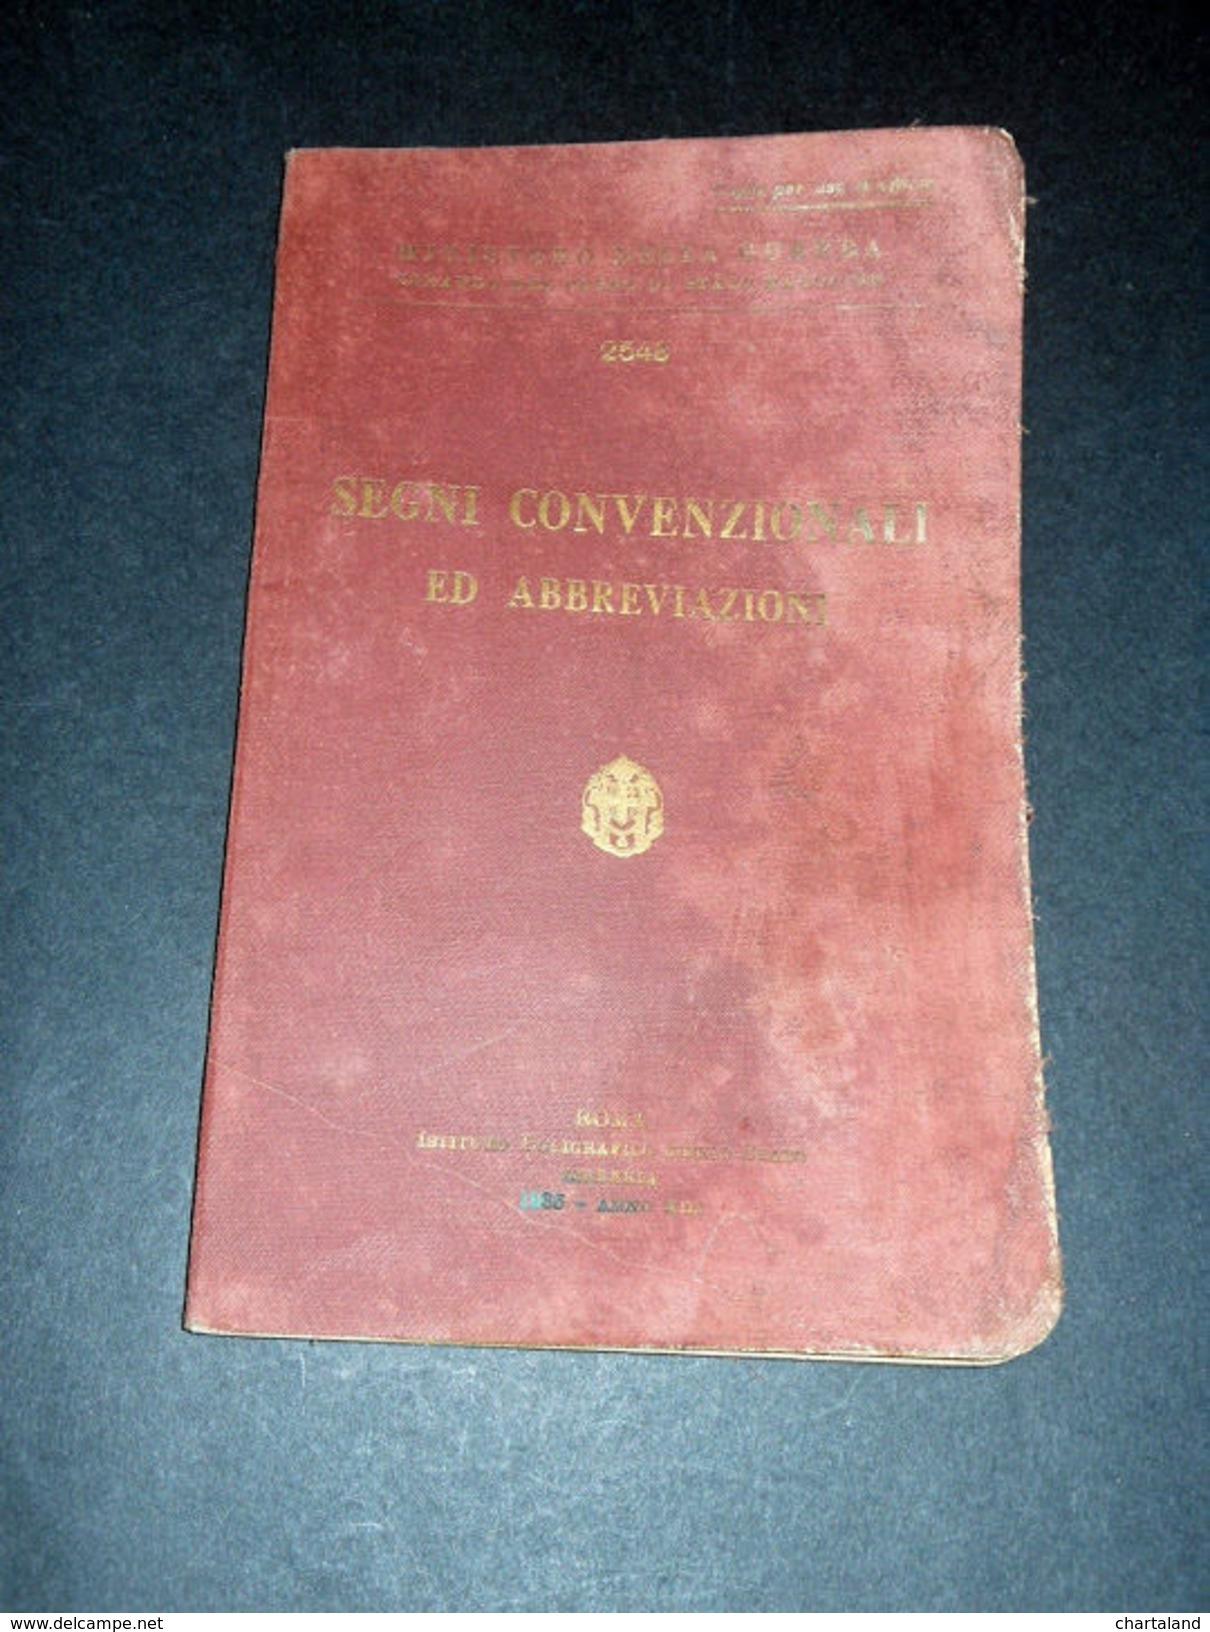 Militaria - Segni Convenzionali Ed Abbreviazioni - Ed. 1935 - Documenti